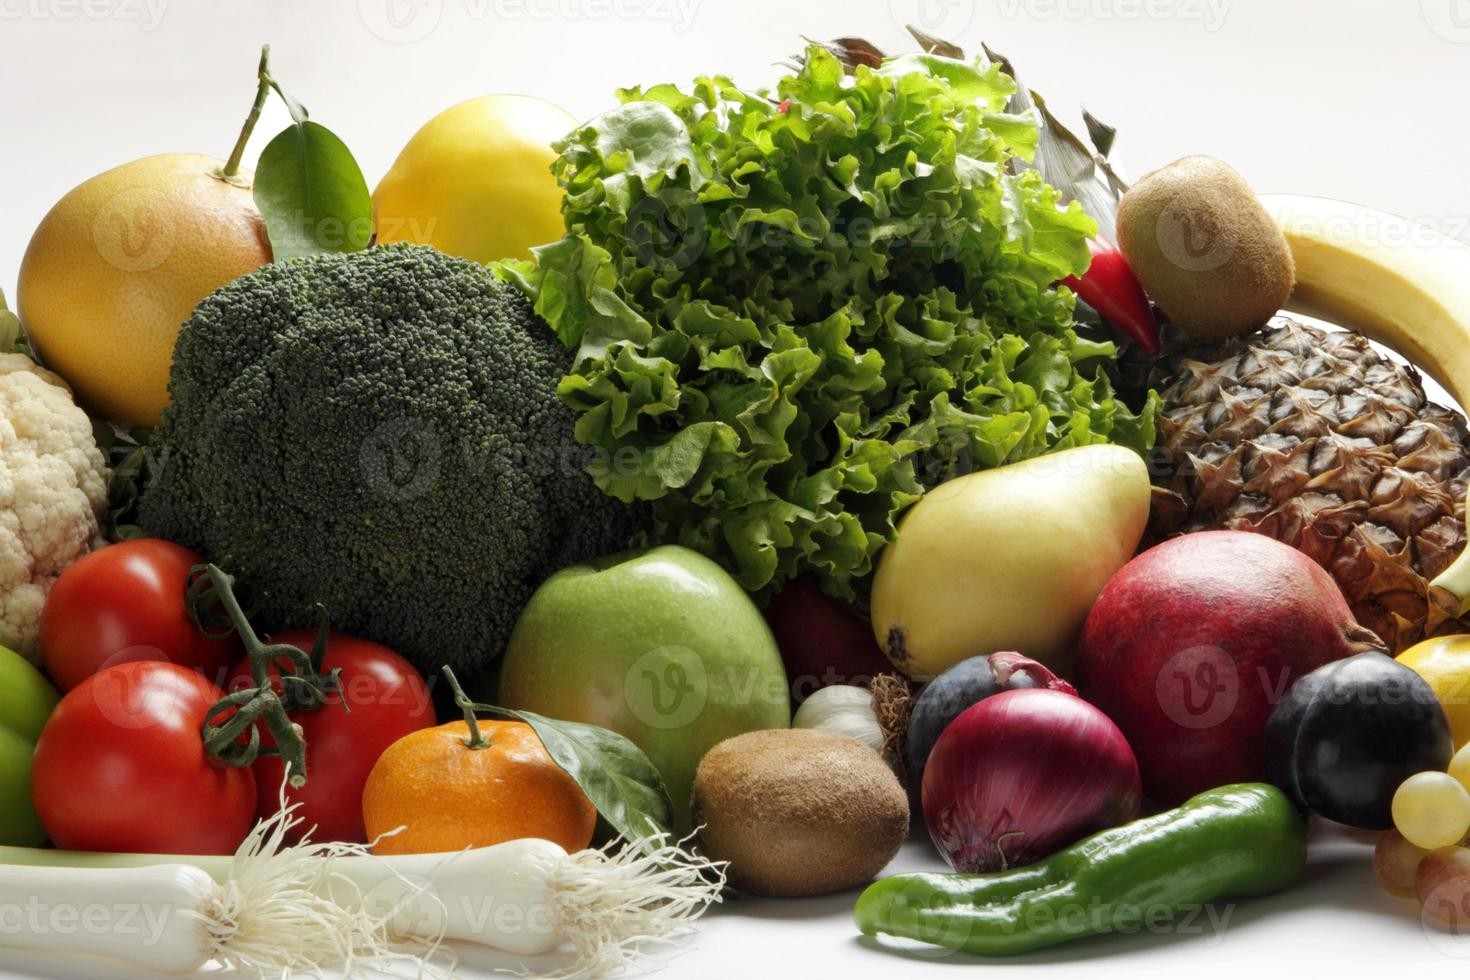 légumes et fruits photo